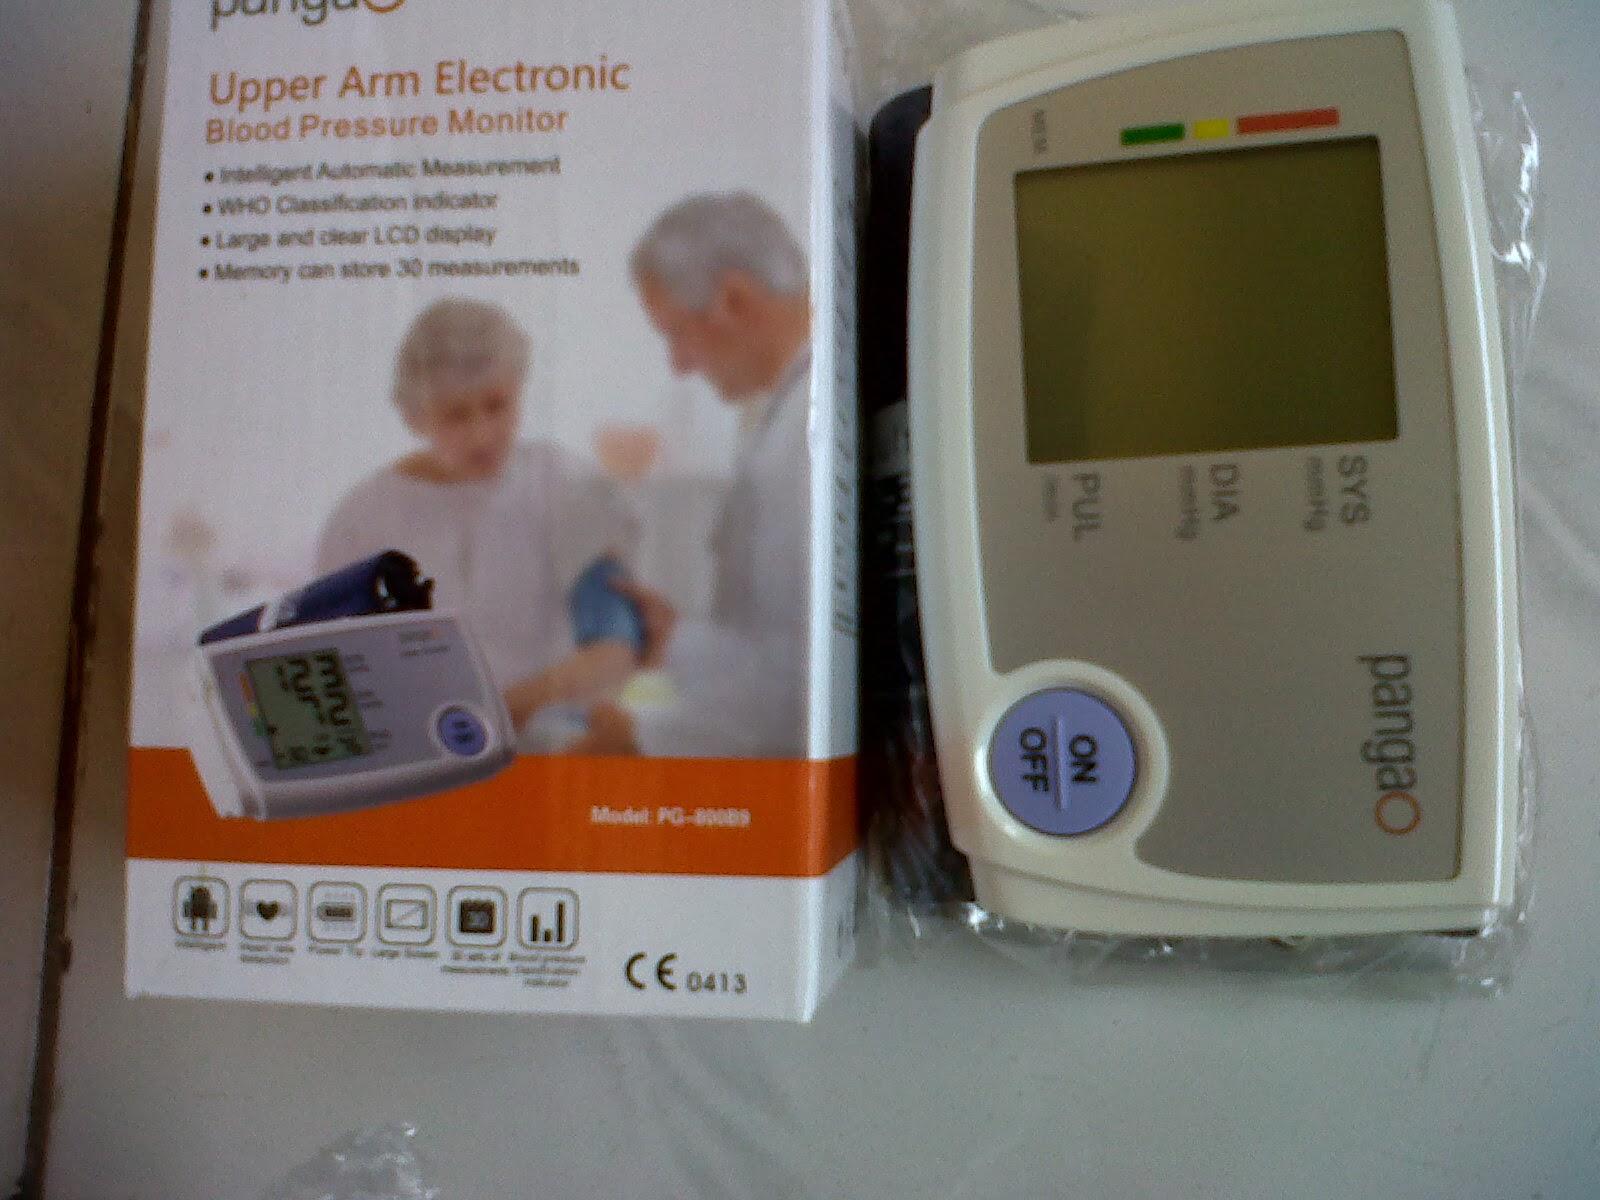 Alat Pengukur Tensi Darah Digital Elektrik Toko Jujur Barokah Kesehatan Blood Pressure Monitor Sehingga Untuk Mengaktifkan Mematikan Ini Cukup Menekan 1 Tombol Saja Hasilnya Juga Lebih Baik Akurat Who Mengklasifikasikan Kategori Tekanan